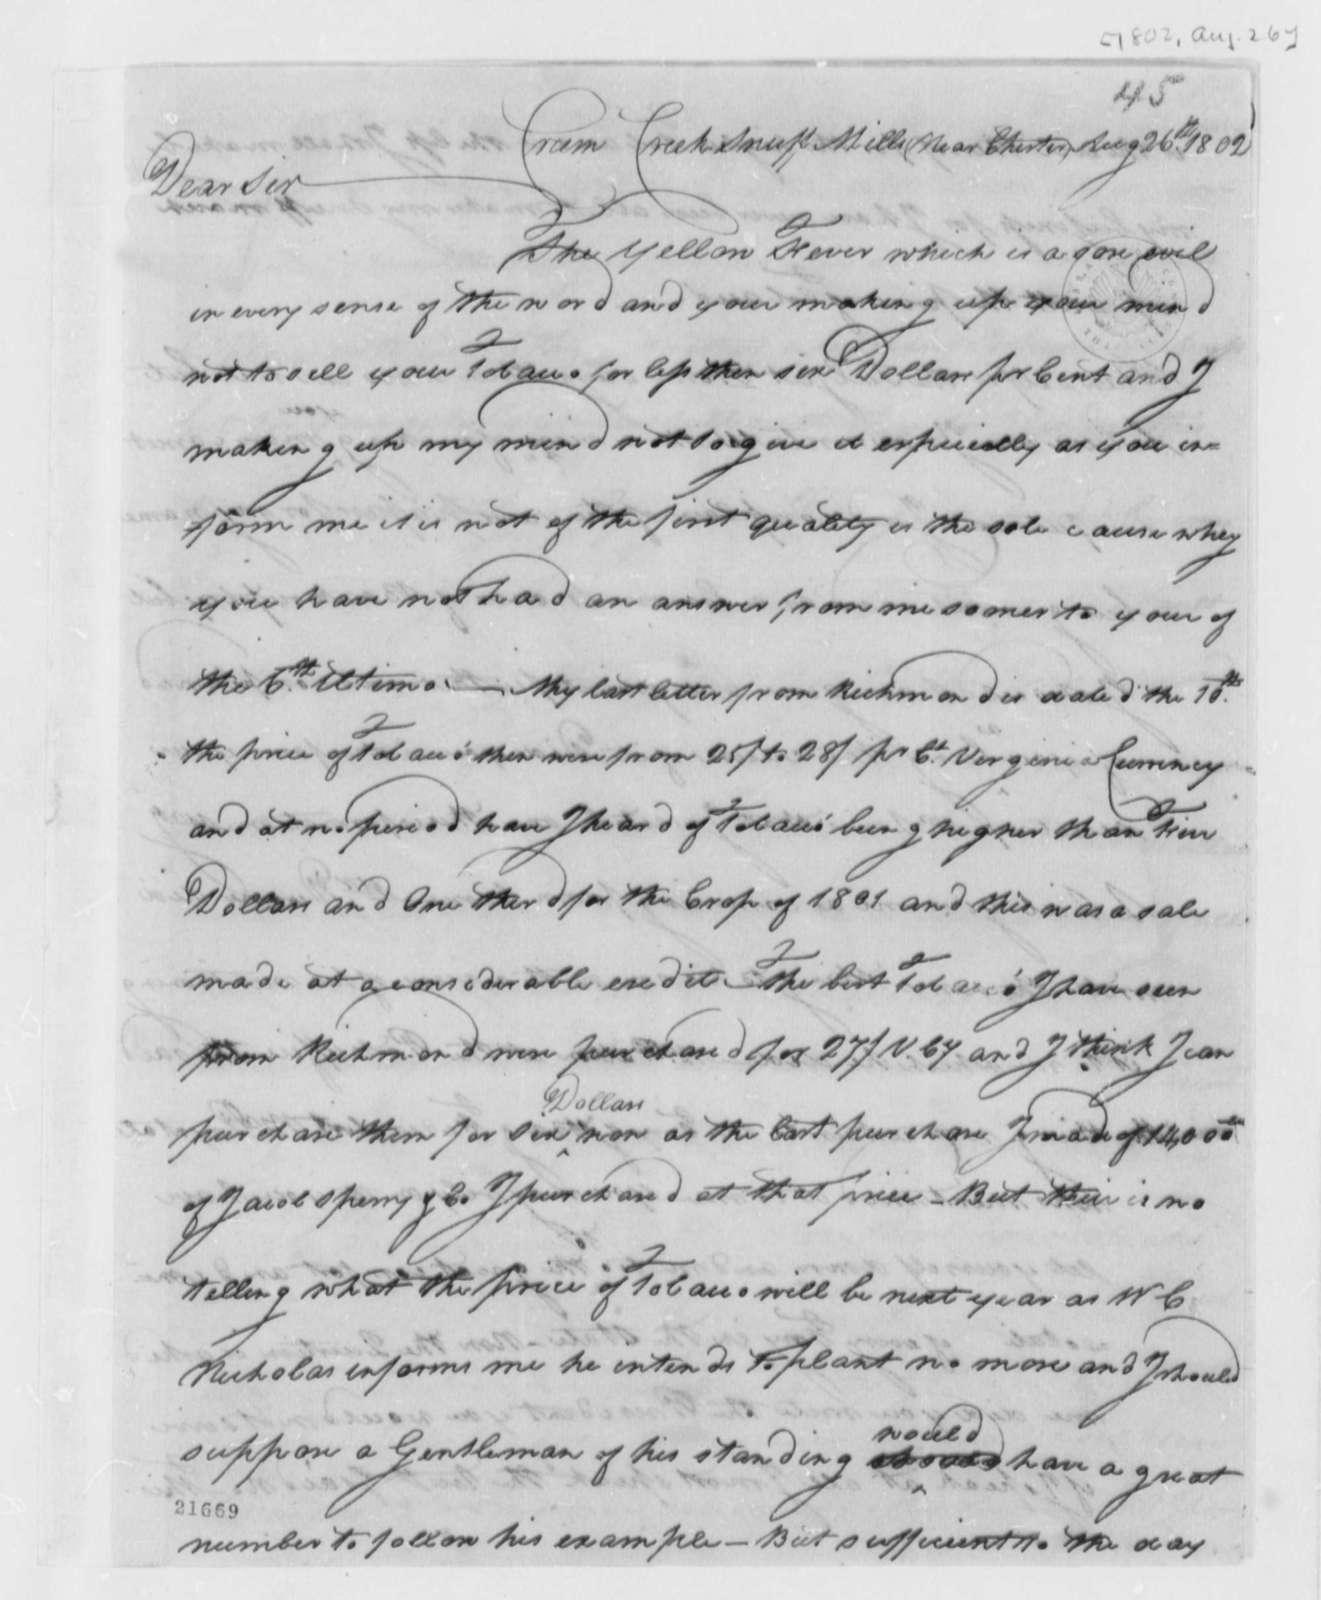 Thomas Leiper to Thomas Jefferson, August 26, 1802